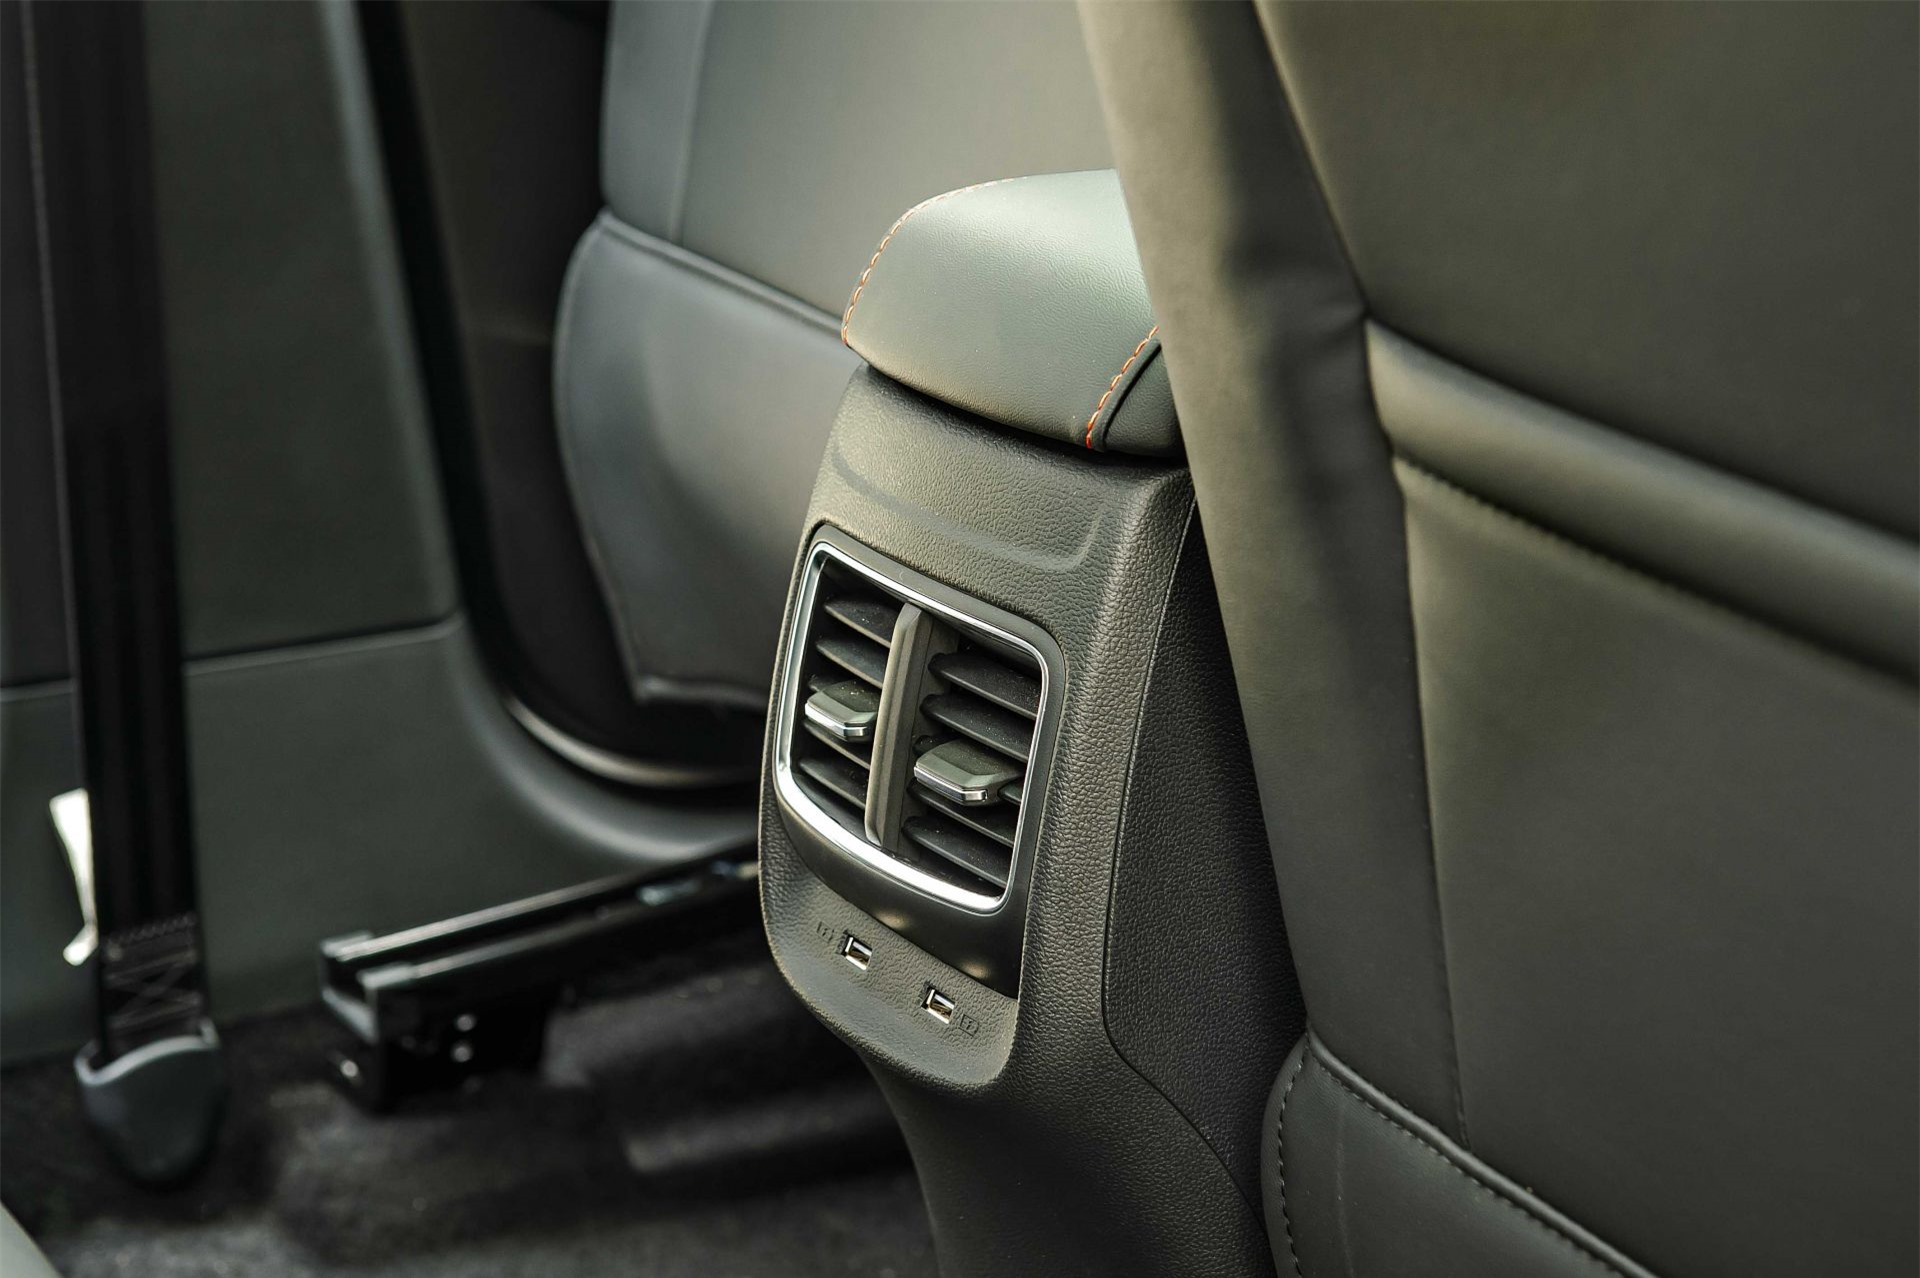 Cổng USB ở hàng ghế sau xe MG ZS 2021